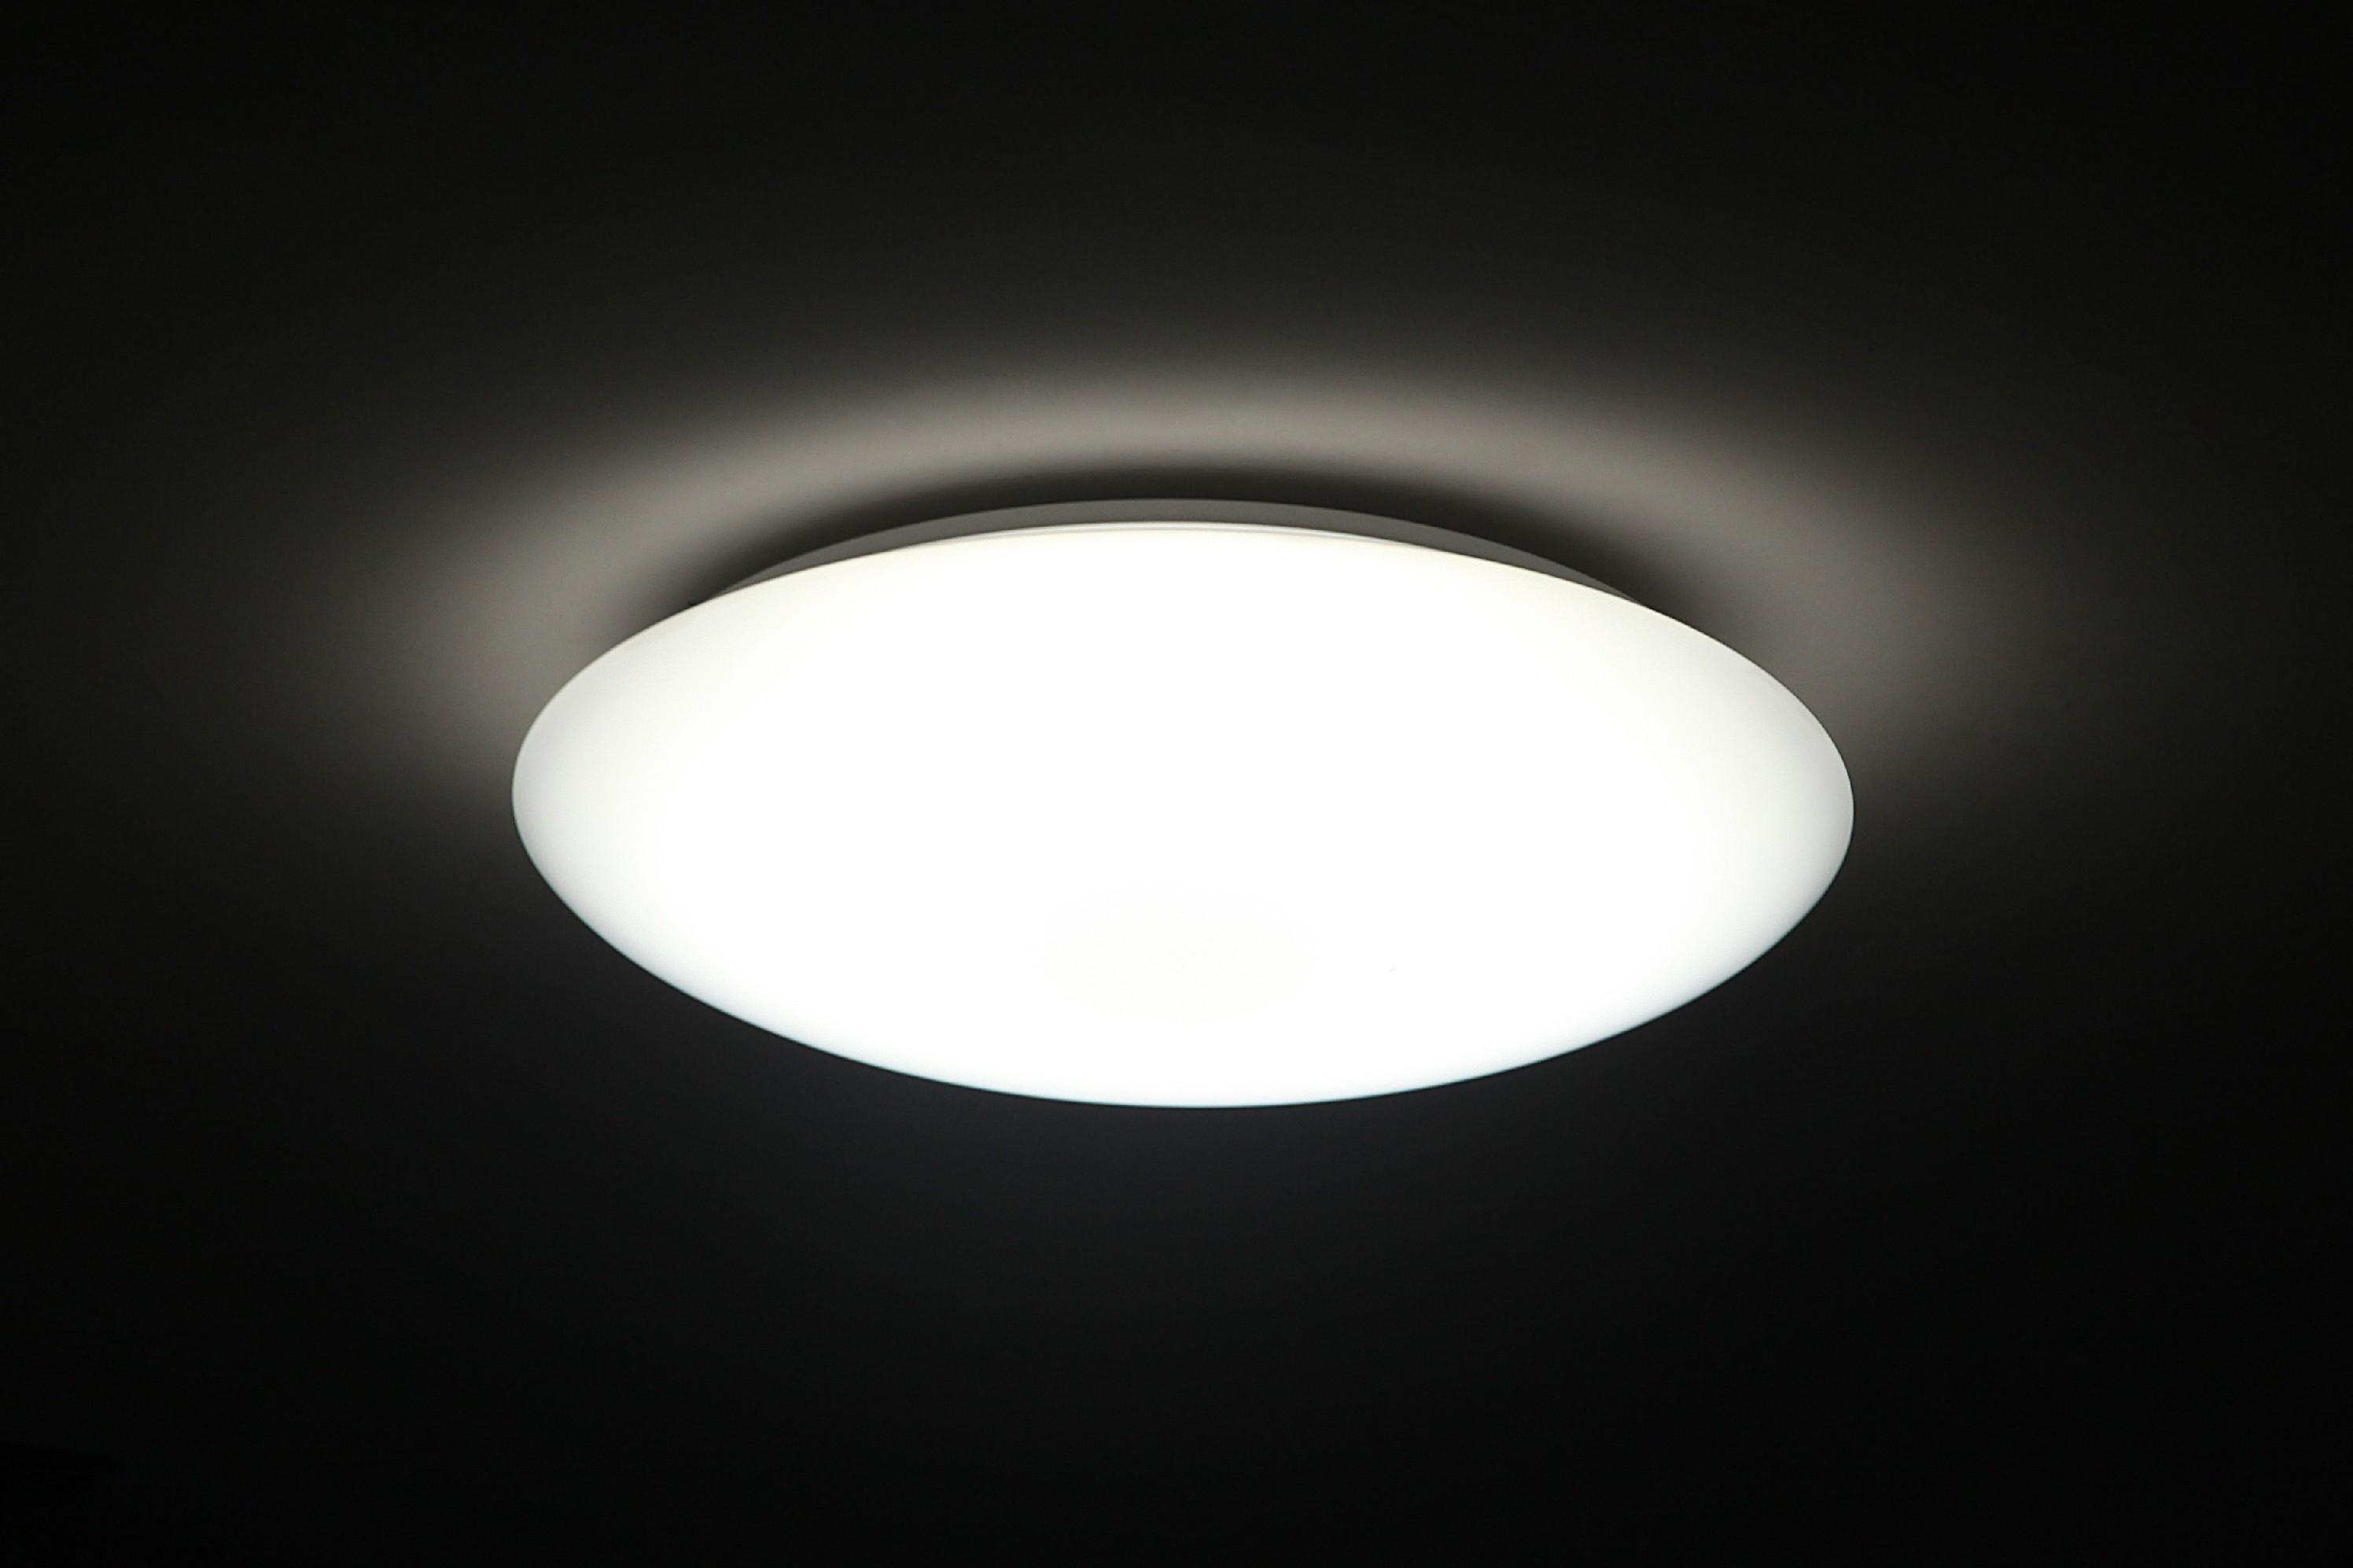 Inteligentní ECO LED svítidlo - Dalen DL-C515TW WiFi + LED lampička Argus Vela (různé barvy)